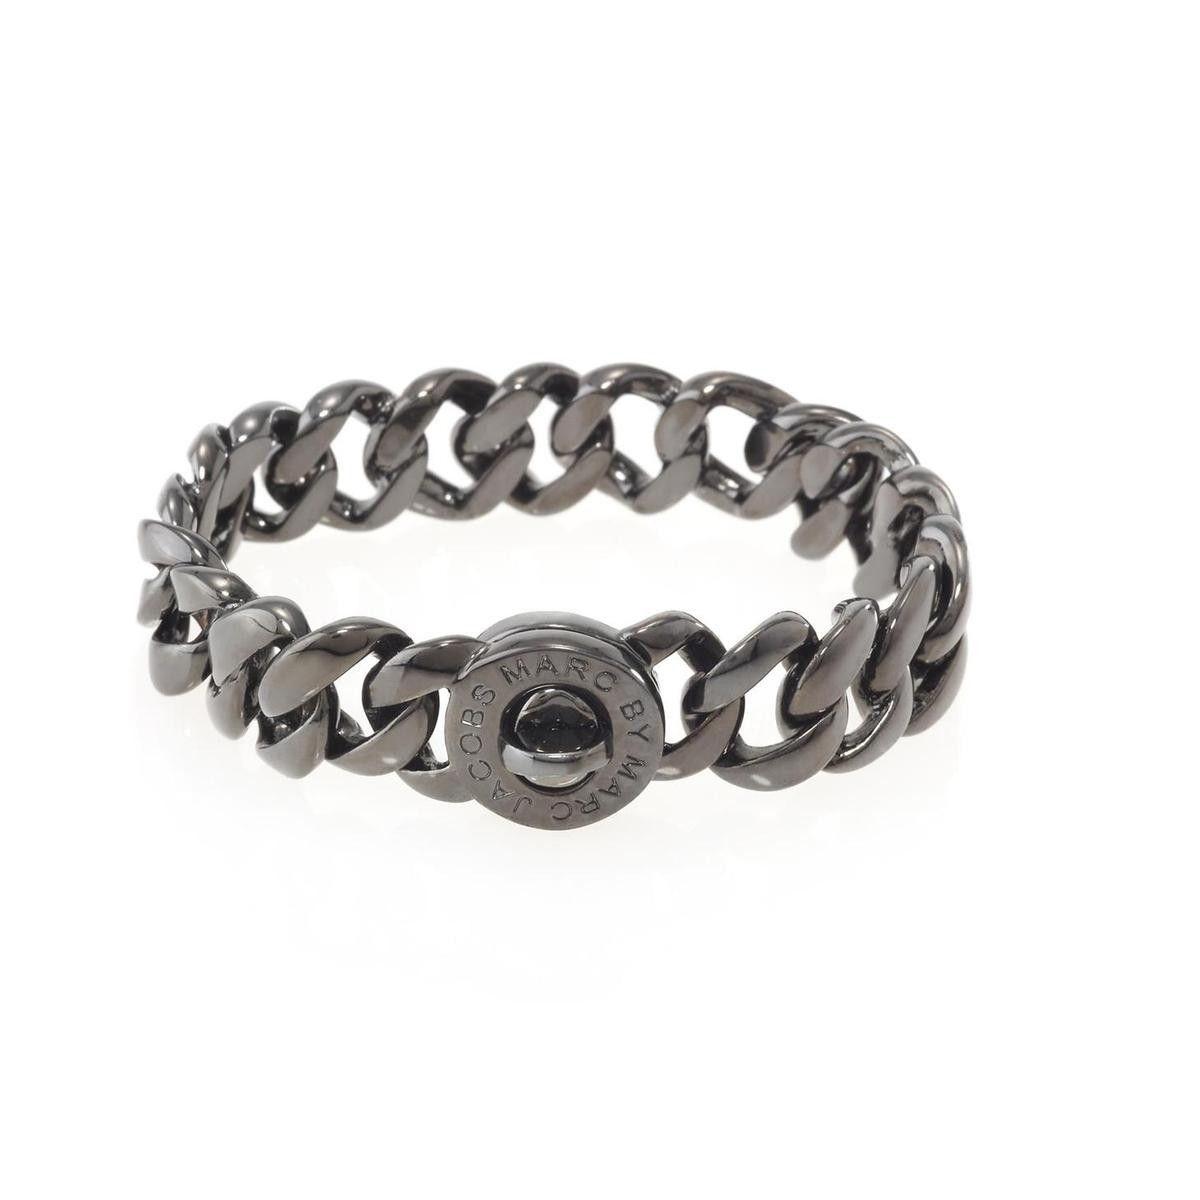 Marc by Marc Jacobs Womens Katie Brass Turnlock Bracelet